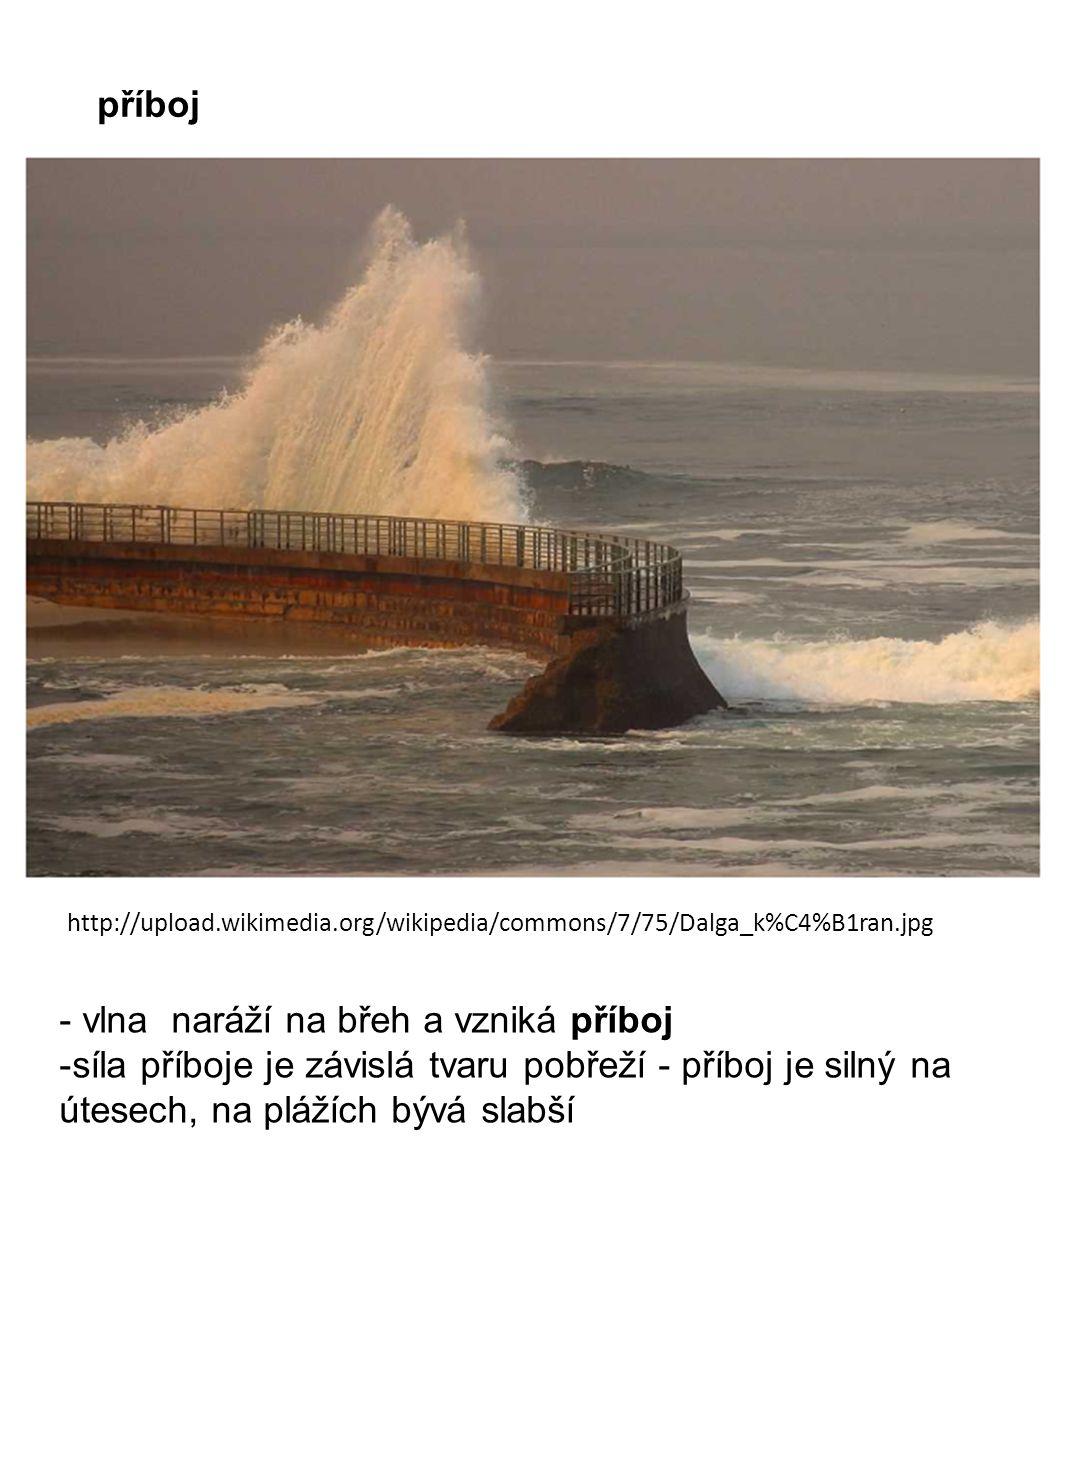 - vlna naráží na břeh a vzniká příboj